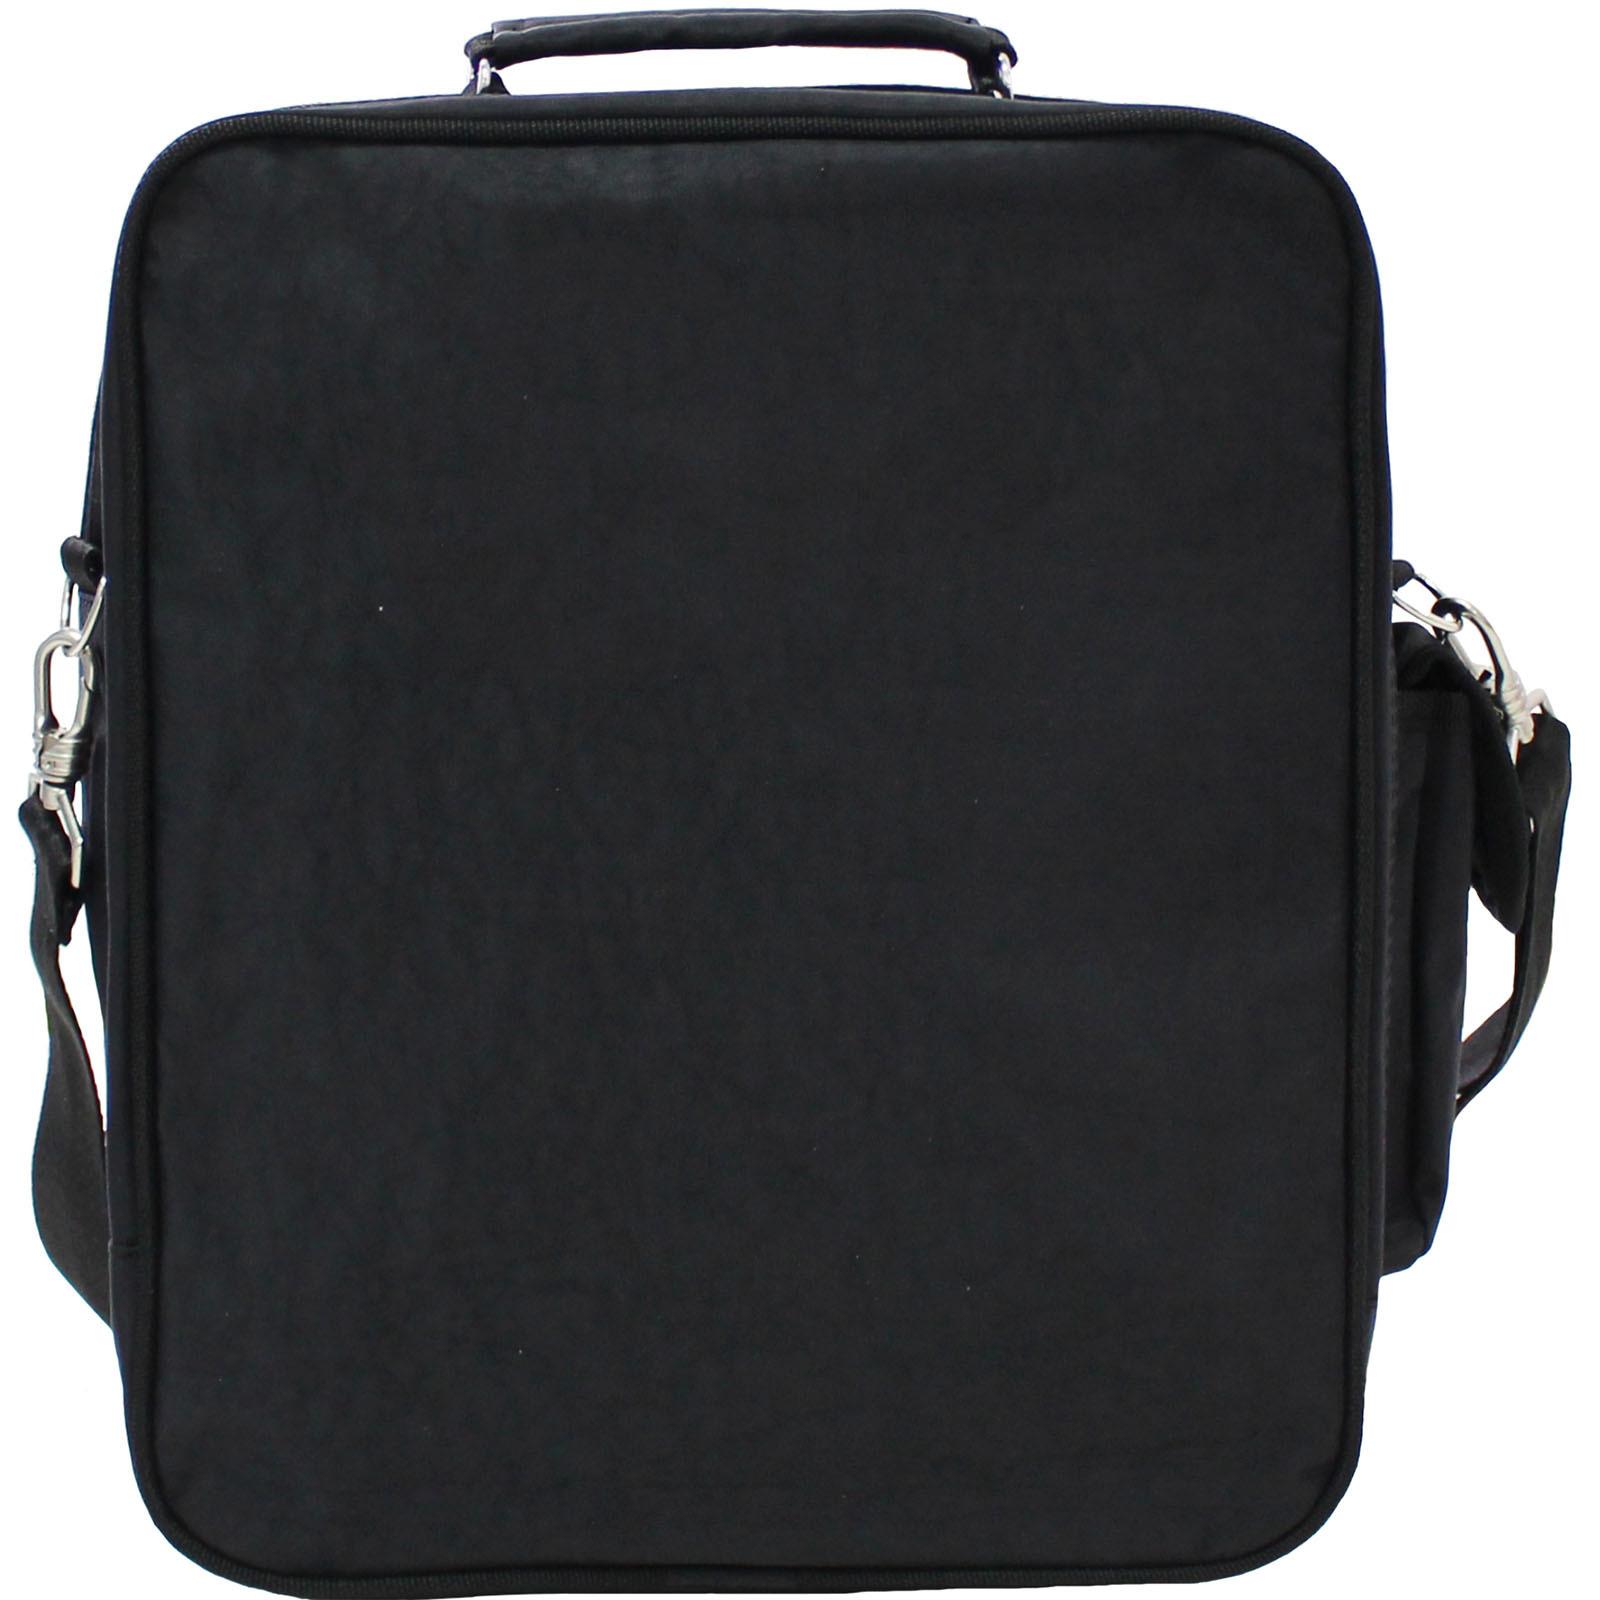 Мужская сумка Bagland Комерсант 11 л. Чёрный (0023870) фото